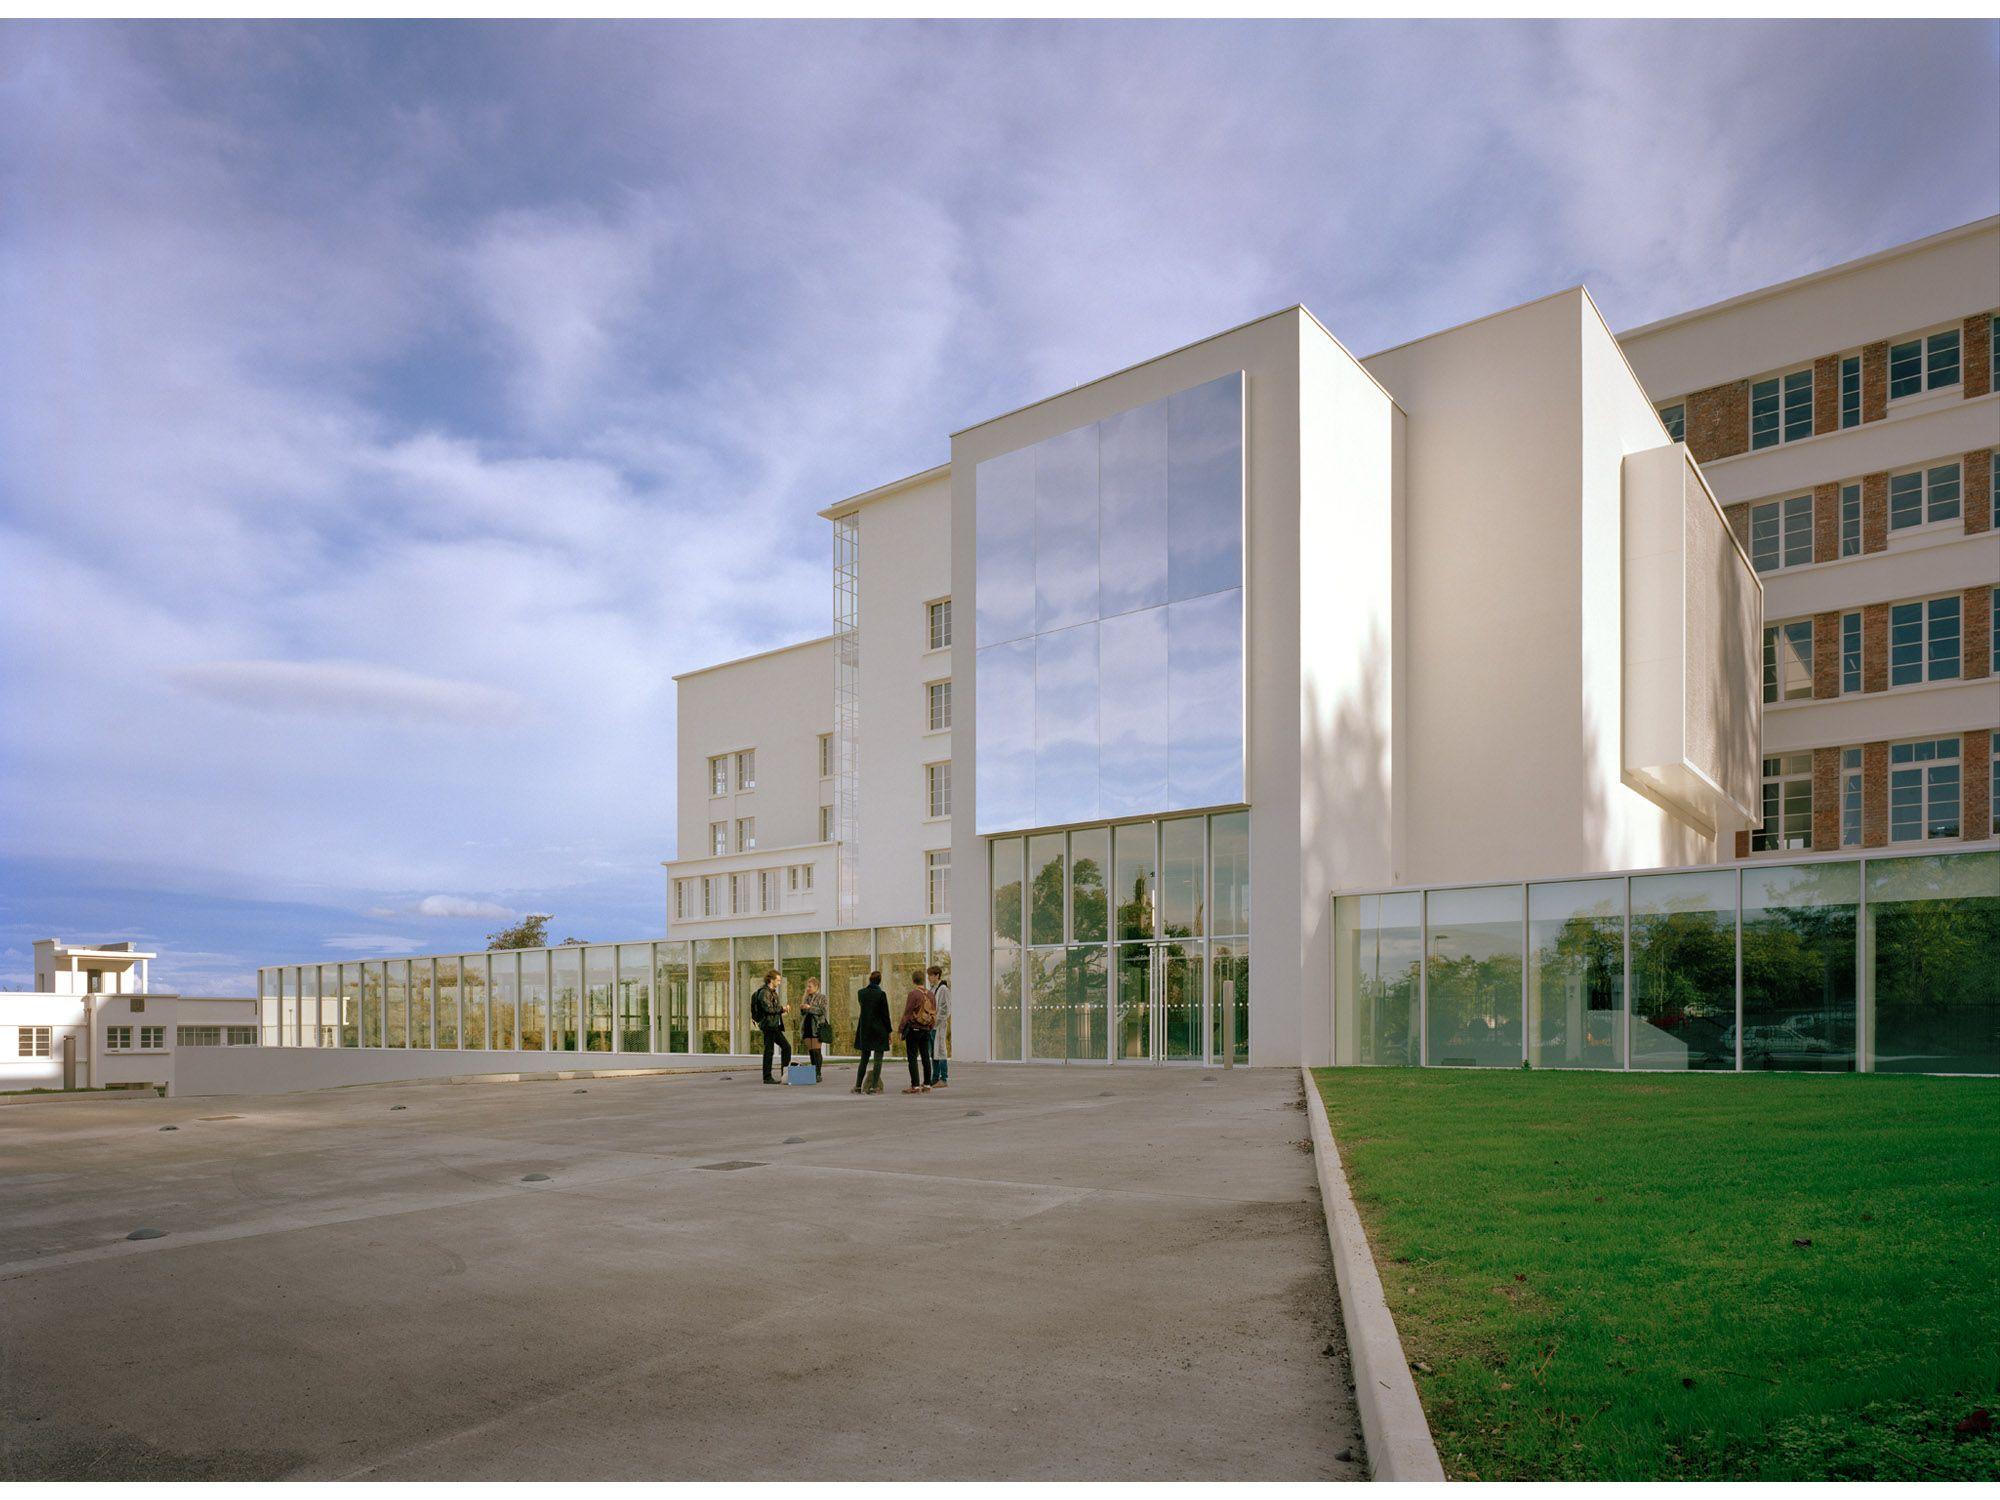 École D Architecture Clermont ecole d'architecture de clermont-ferrand | ecole